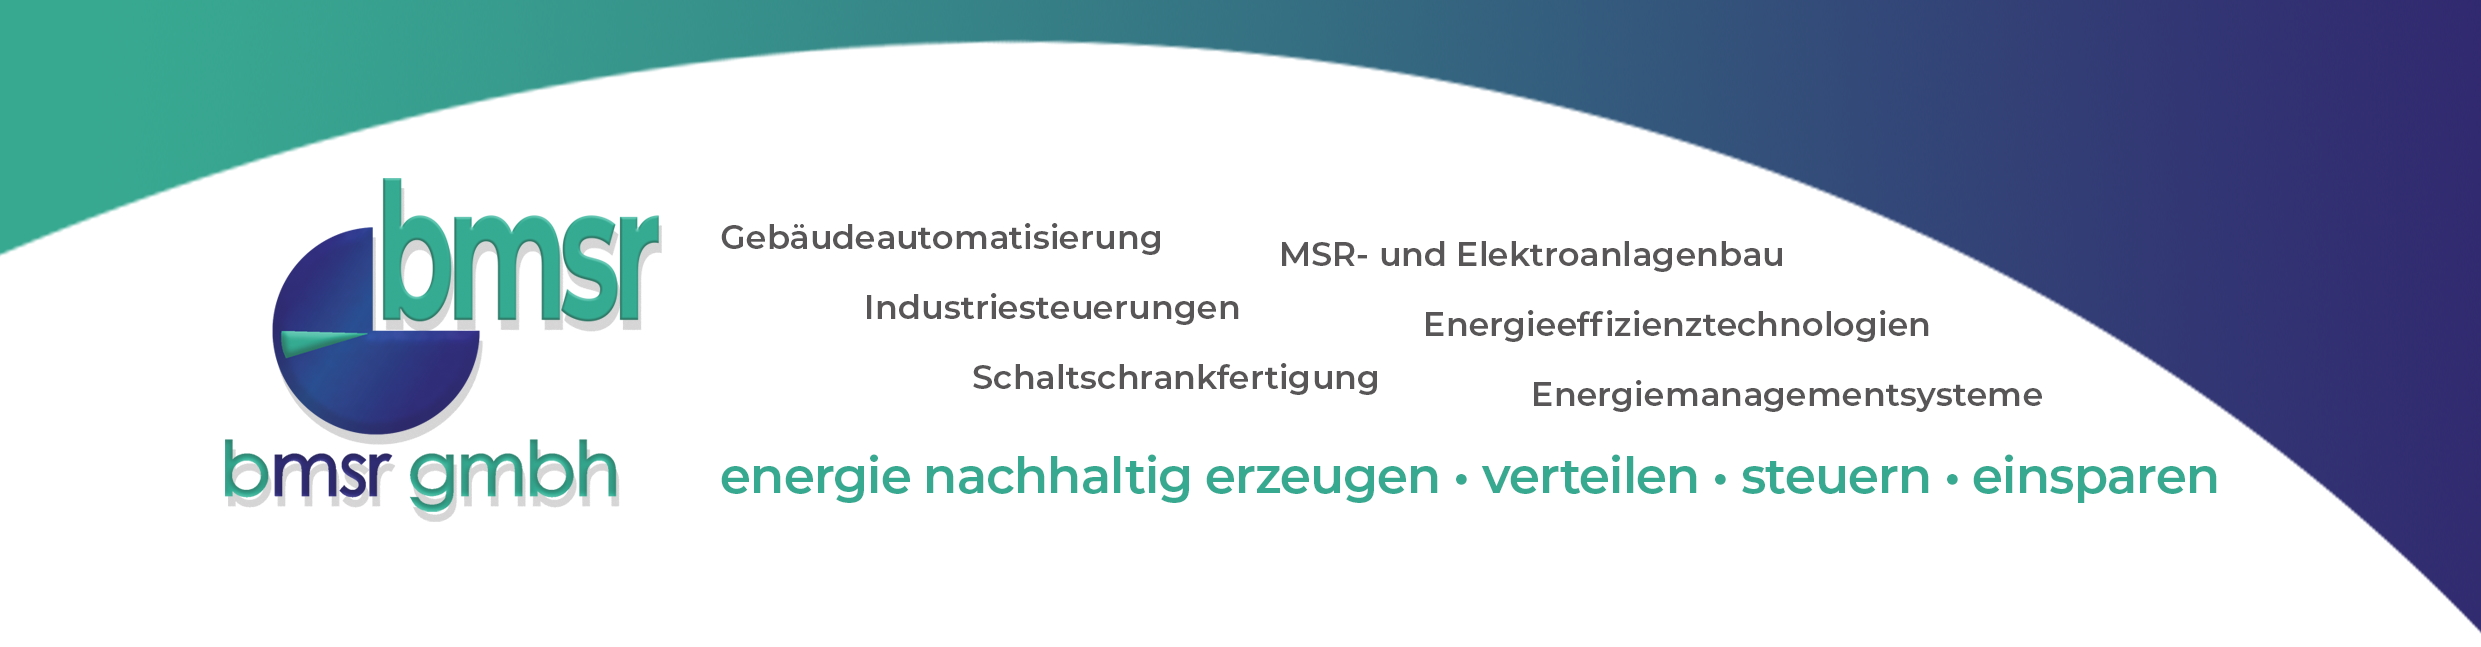 bau msr GmbH